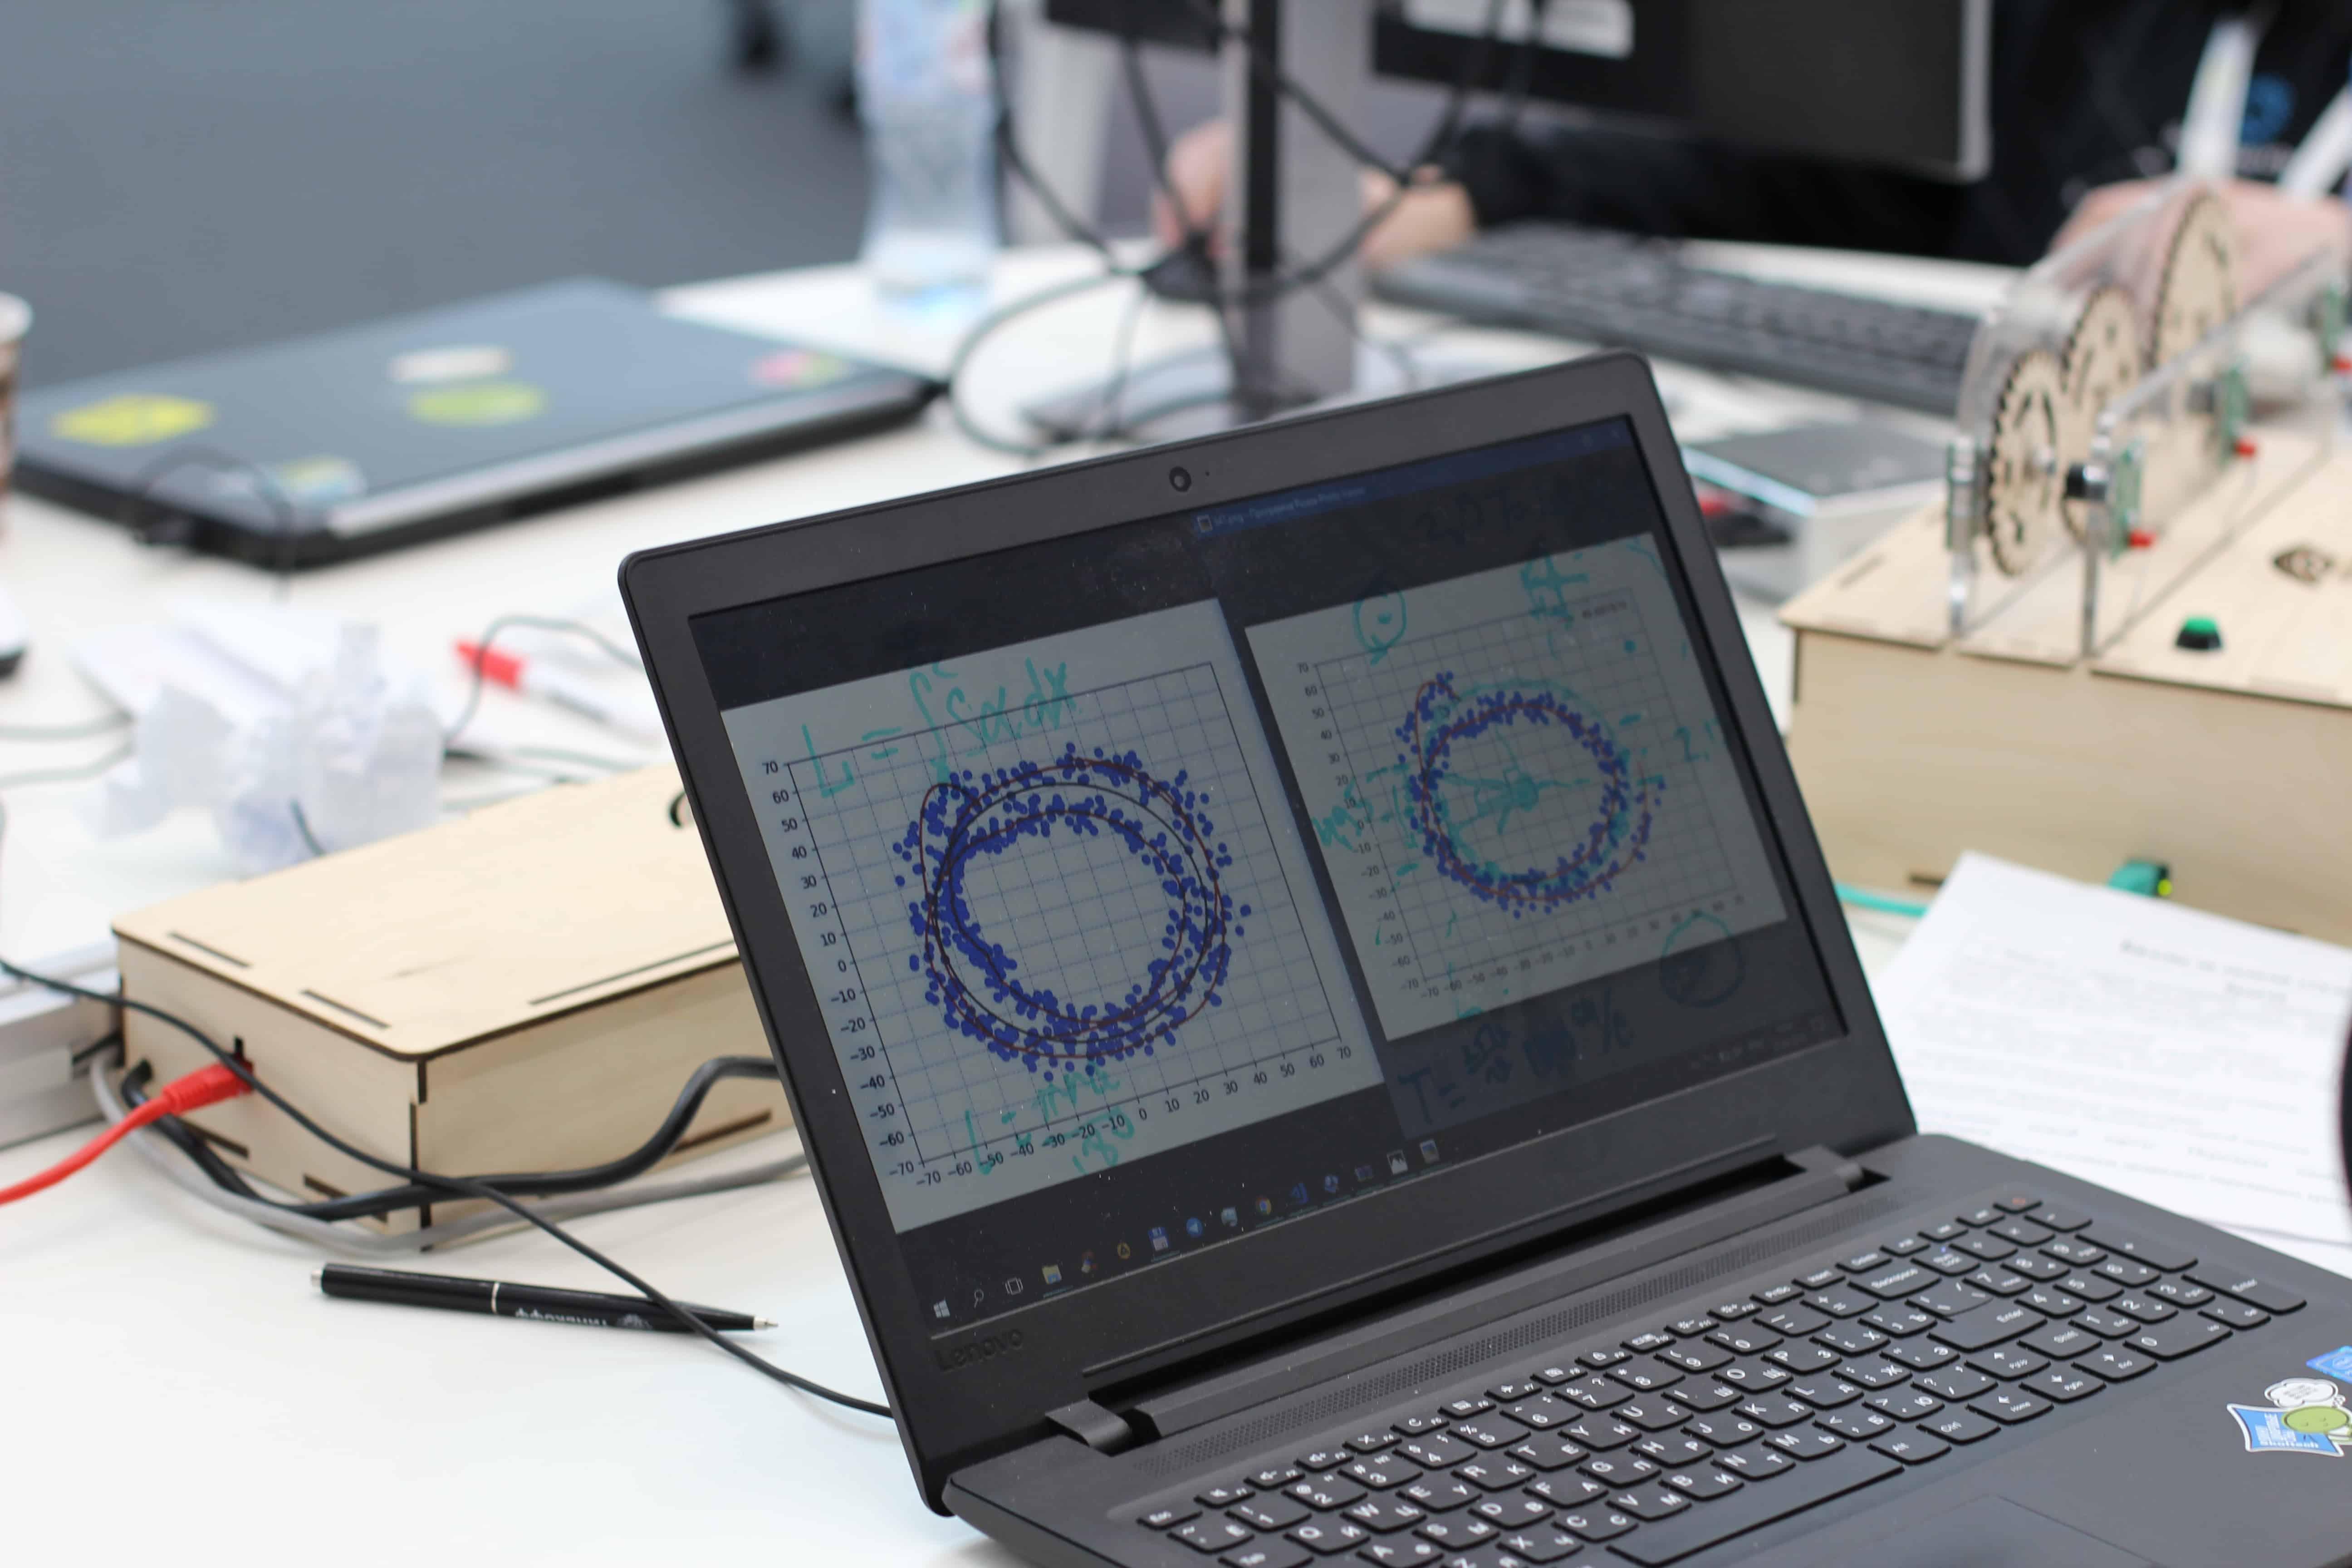 15 ноября стартовал отборочный этап на студенческий трек Олимпиады Кружкового движения Национальной технологической инициативы (КД НТИ) по профилю«Технологии беспроводной связи», который продлится до 31 декабря 2019 года. Заявки на участие…